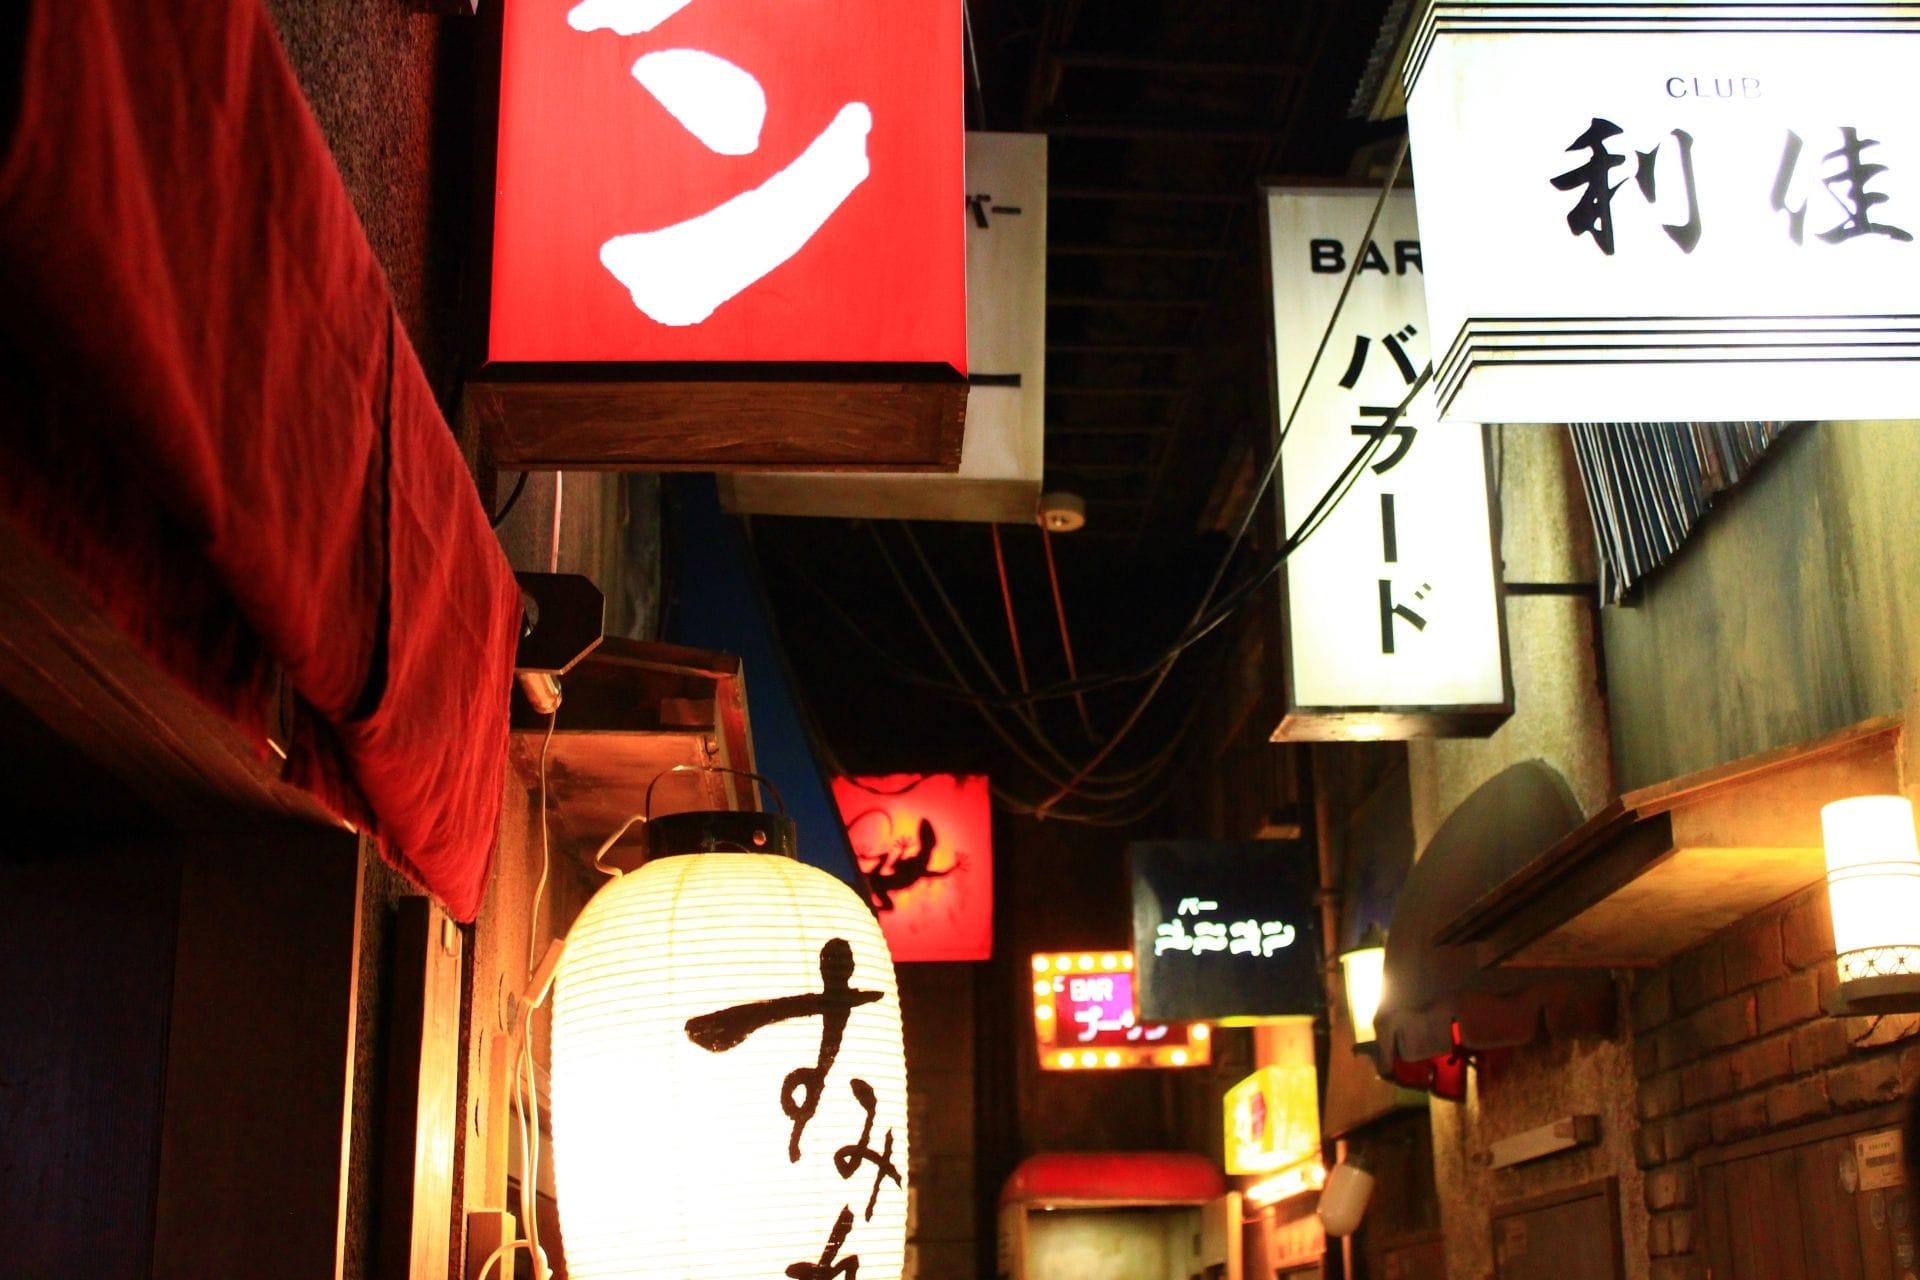 小心别误闯! 到日本各饮酒场所前该了解的几件事